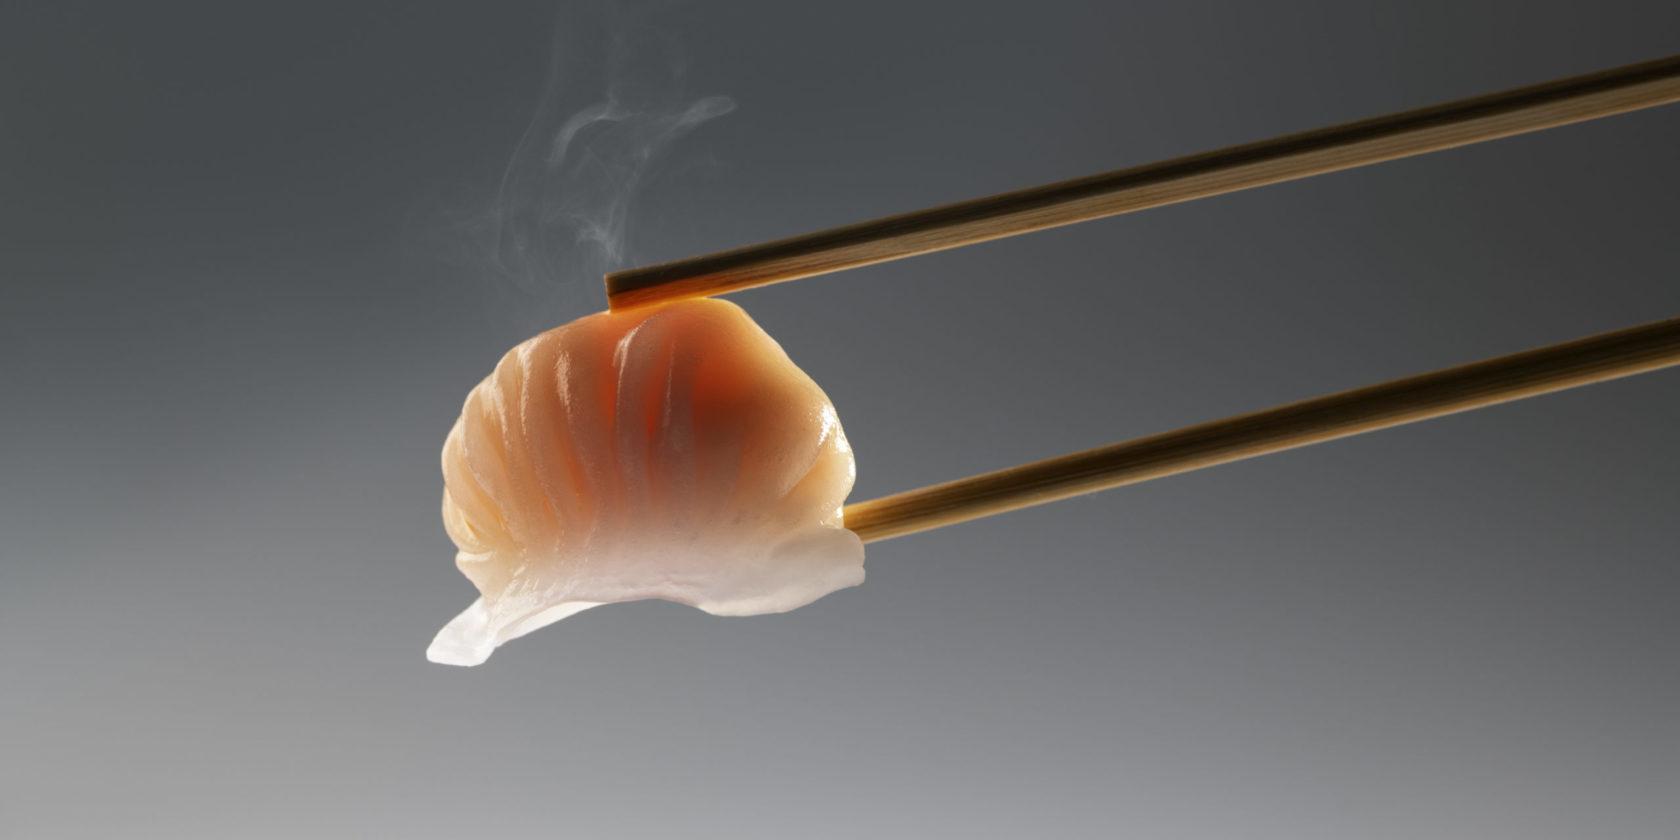 Har gau in Chopsticks